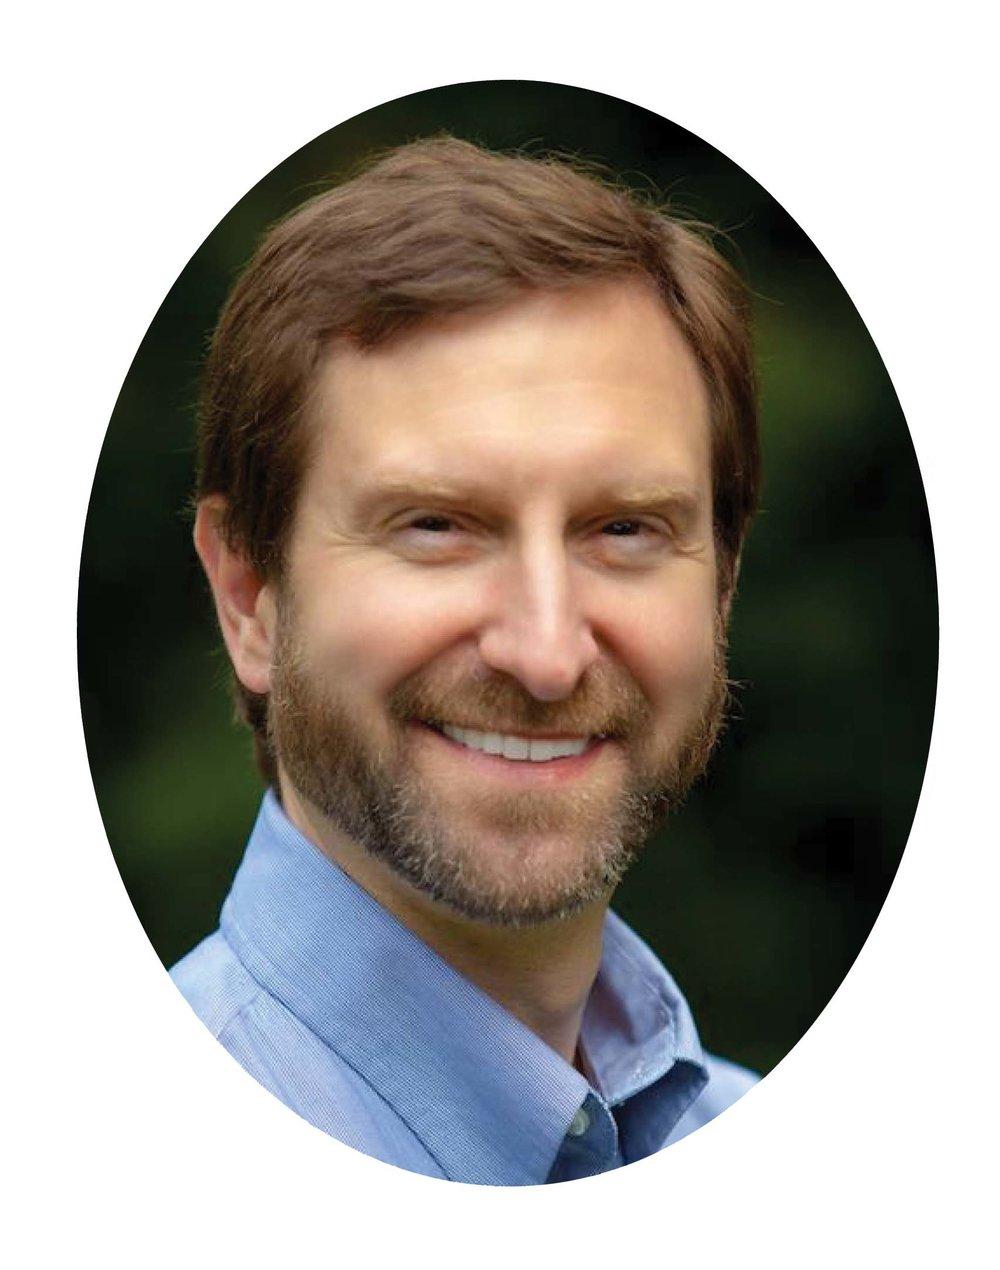 Dr Michael Emlet